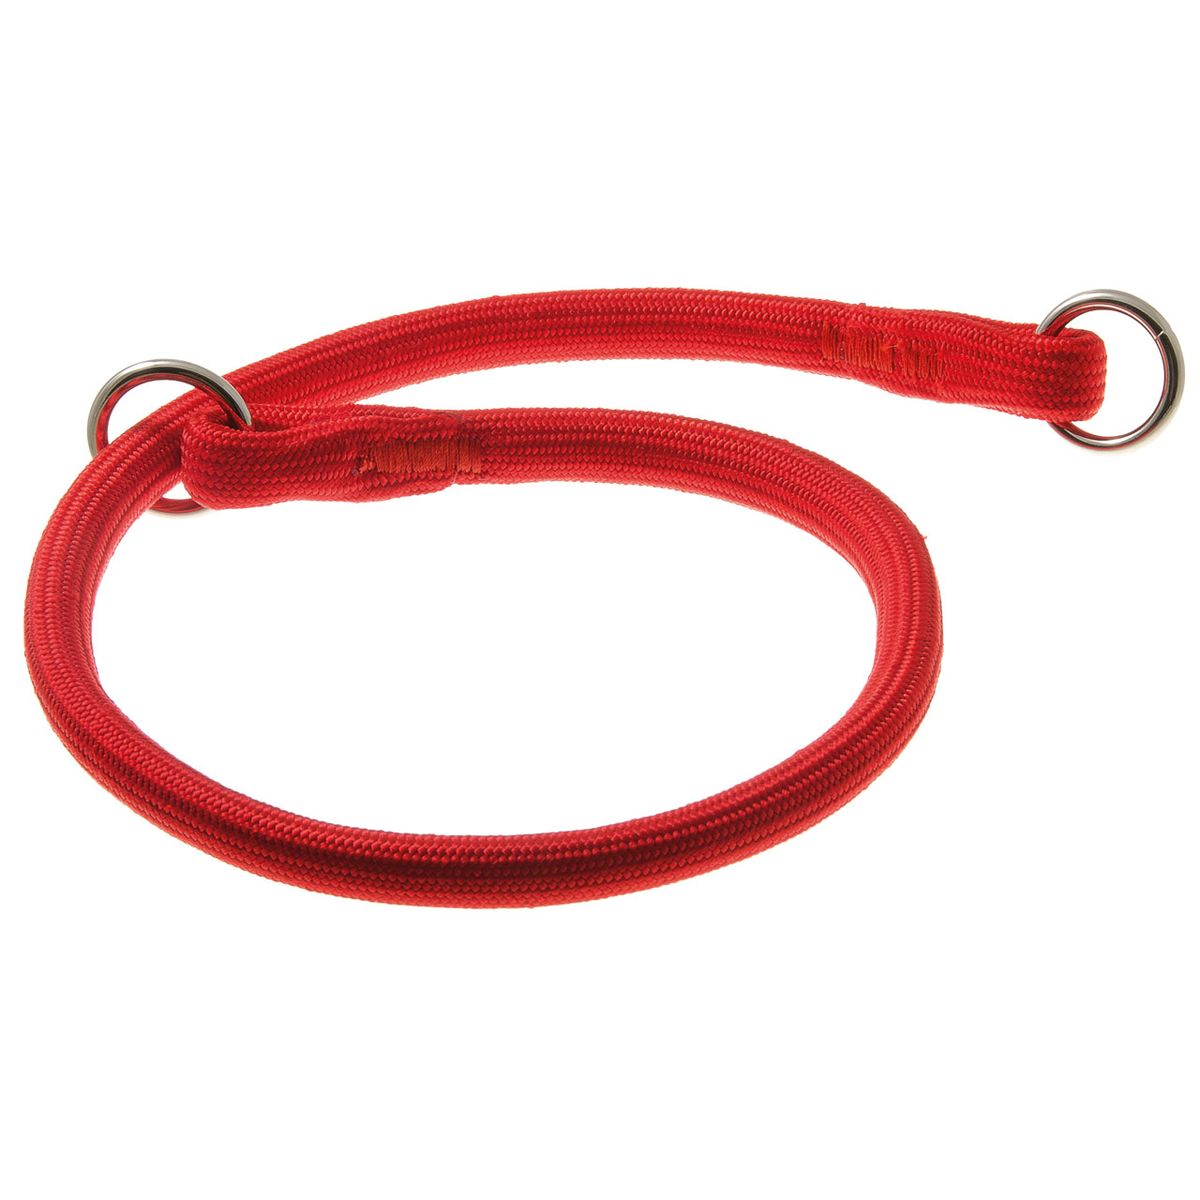 Ошейник для собак V.I.Pet, цвет: красный, диаметр 13 мм, длина 70 см0120710Качественный ошейник V.I.Pet обладает высокой прочностью и прекрасно держит форму. Идеален для длинношерстных пород, так как имеет круглое сечение, шерсть не сминается и не скатывается. Выполняет роль дрессировочного ошейника, с его помощью вы сможете научить питомца командам и корректировать его поведение. Может служить выставочным ошейником.